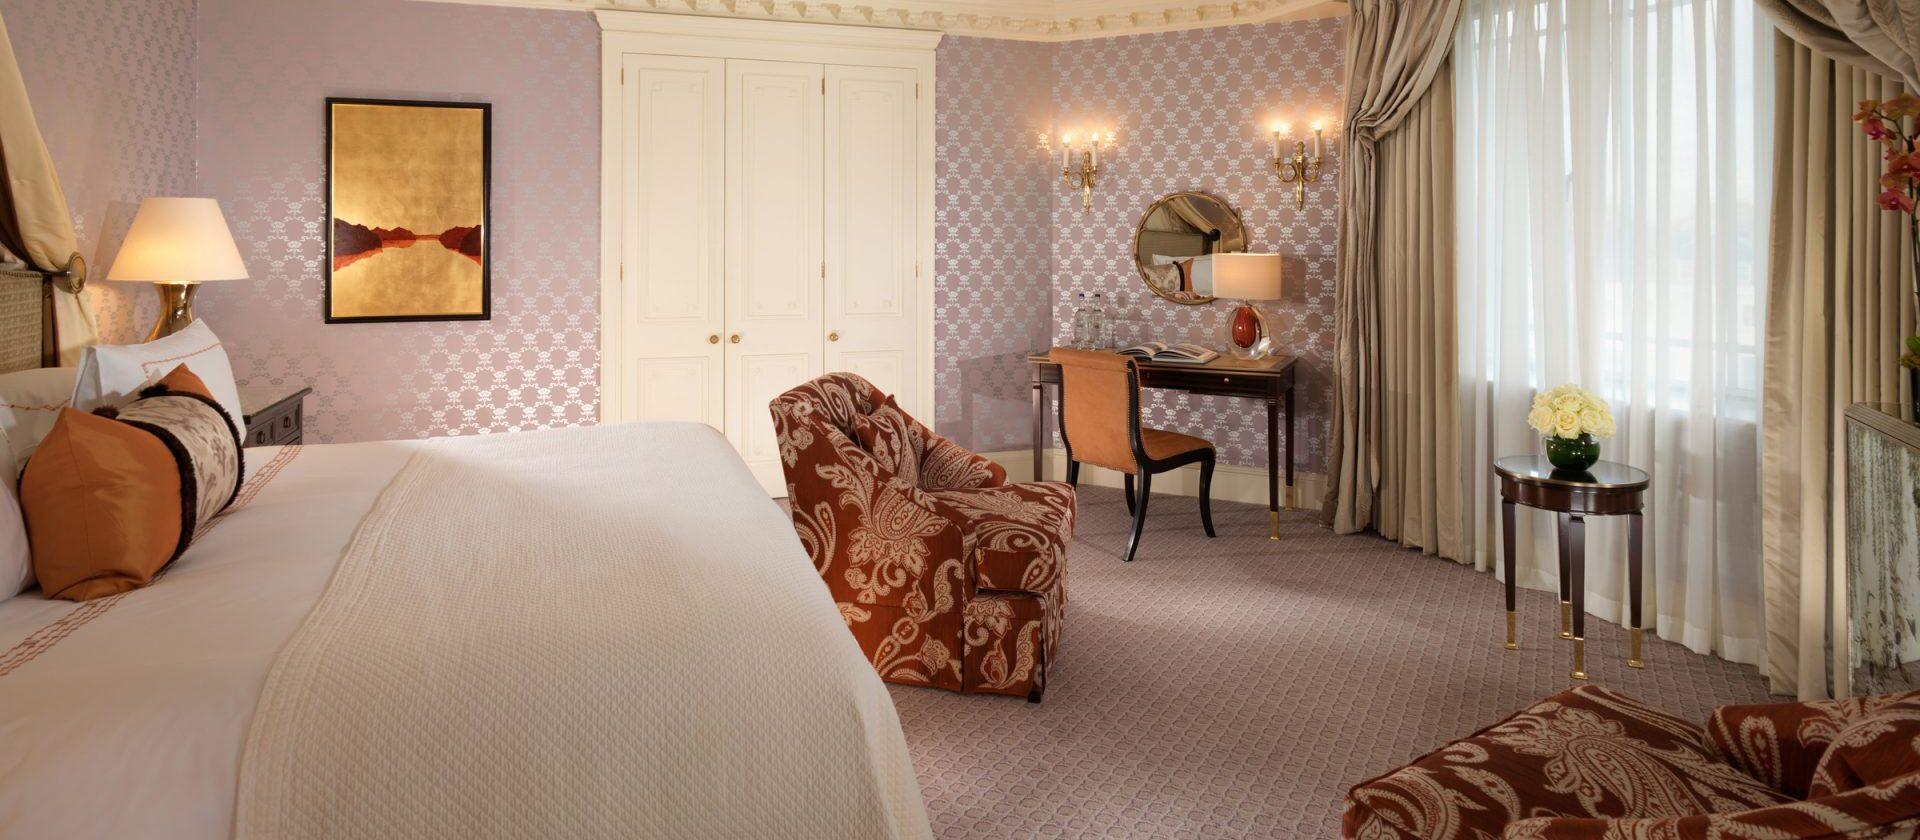 Dorchester Bedroom Furniture - Bedroom Design Ideas